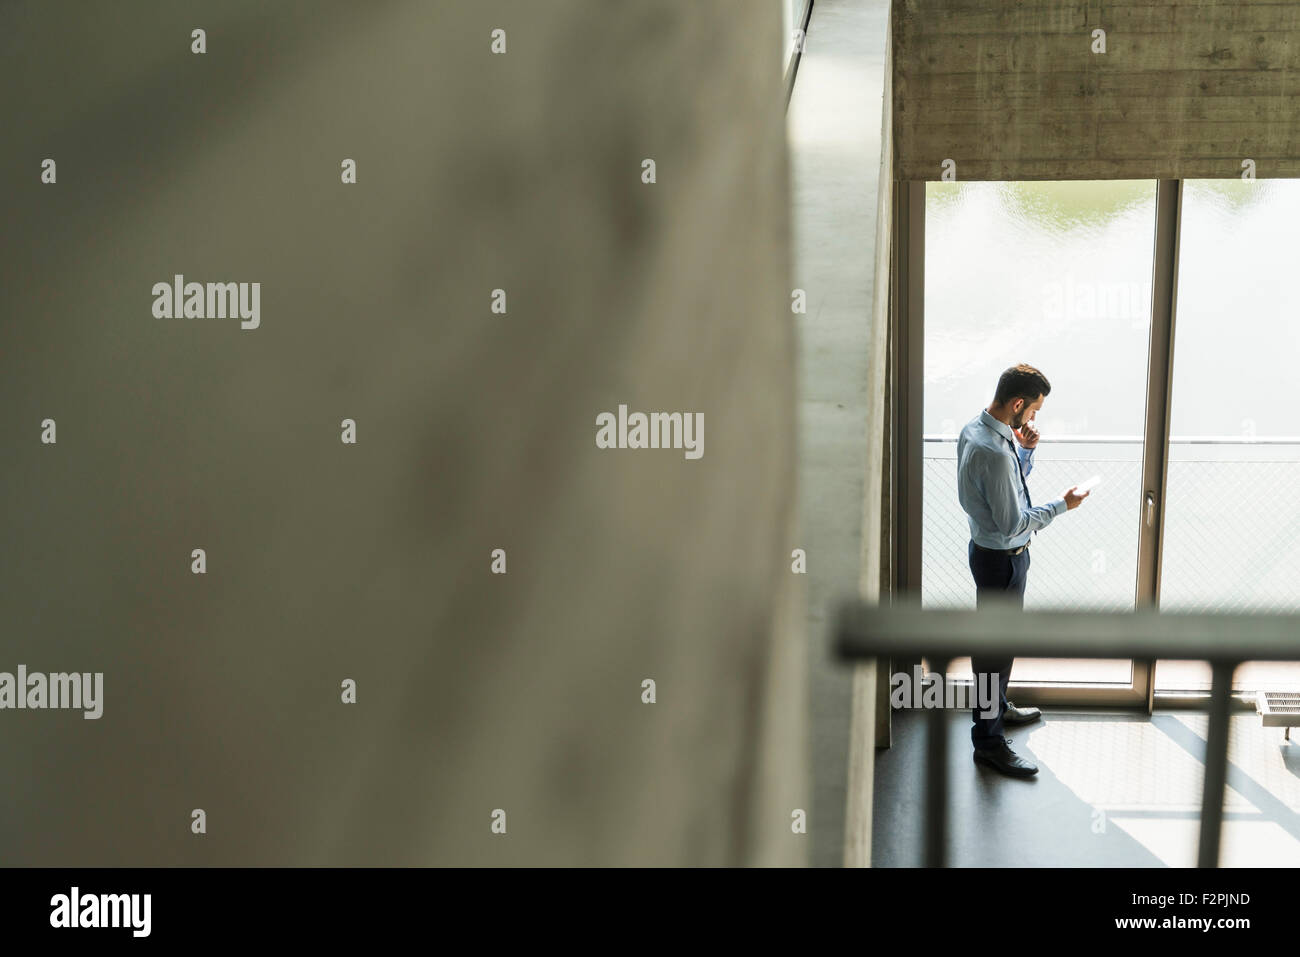 Junge Unternehmer auf der Suche Handy am Fenster Stockbild